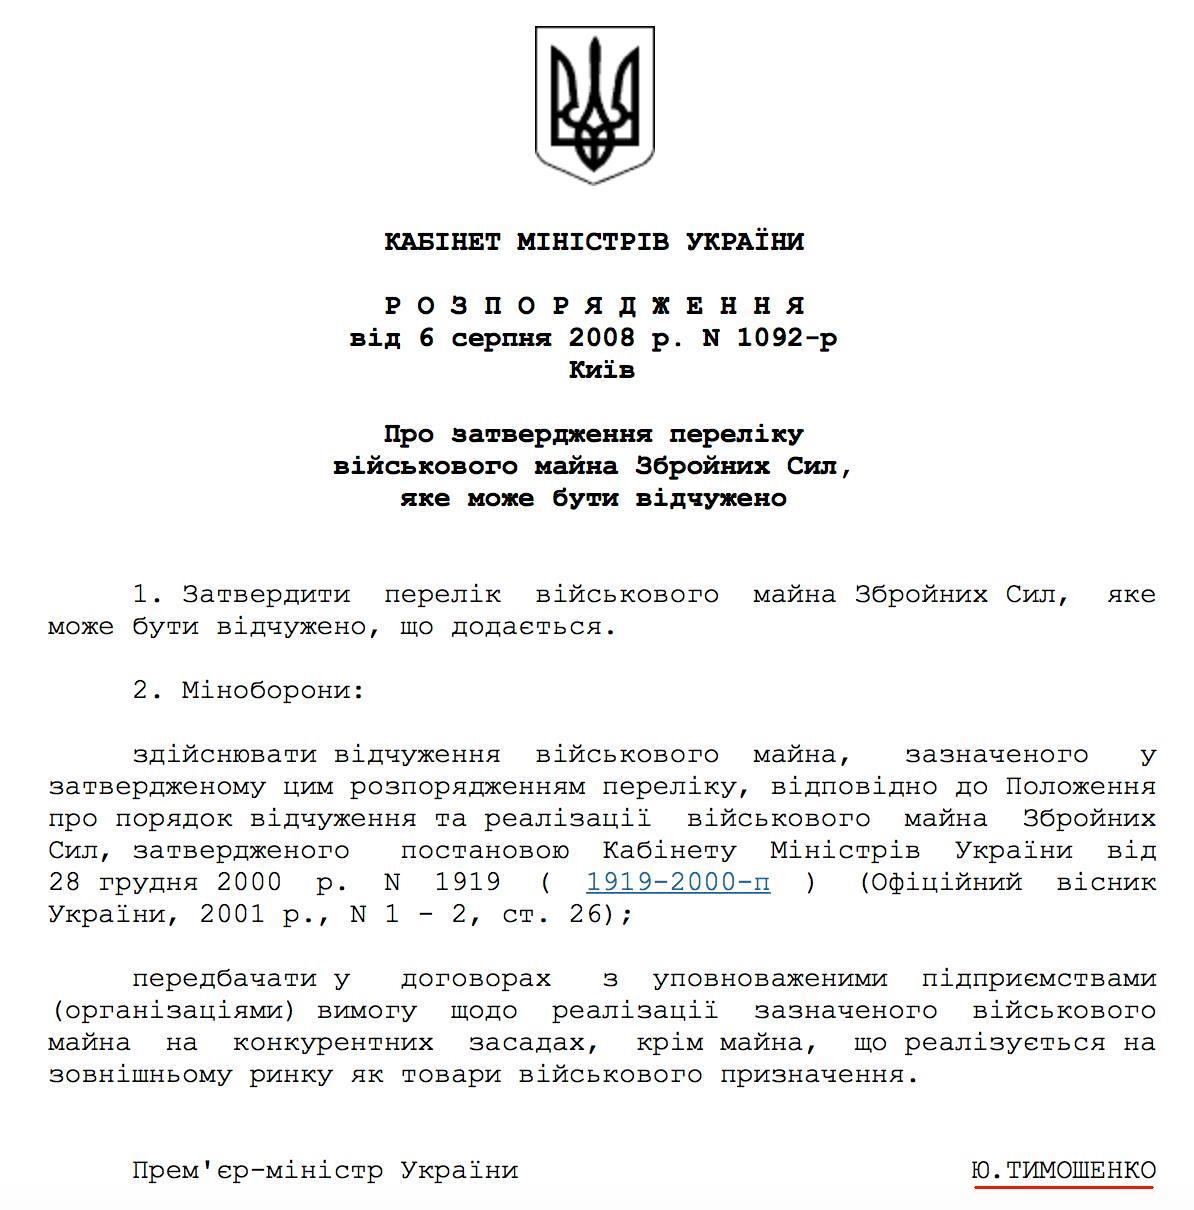 Поліція Житомирщини викрила схему масштабного розкрадання військової техніки: 200 об'єктів було підготовлено до продажу - Цензор.НЕТ 8010